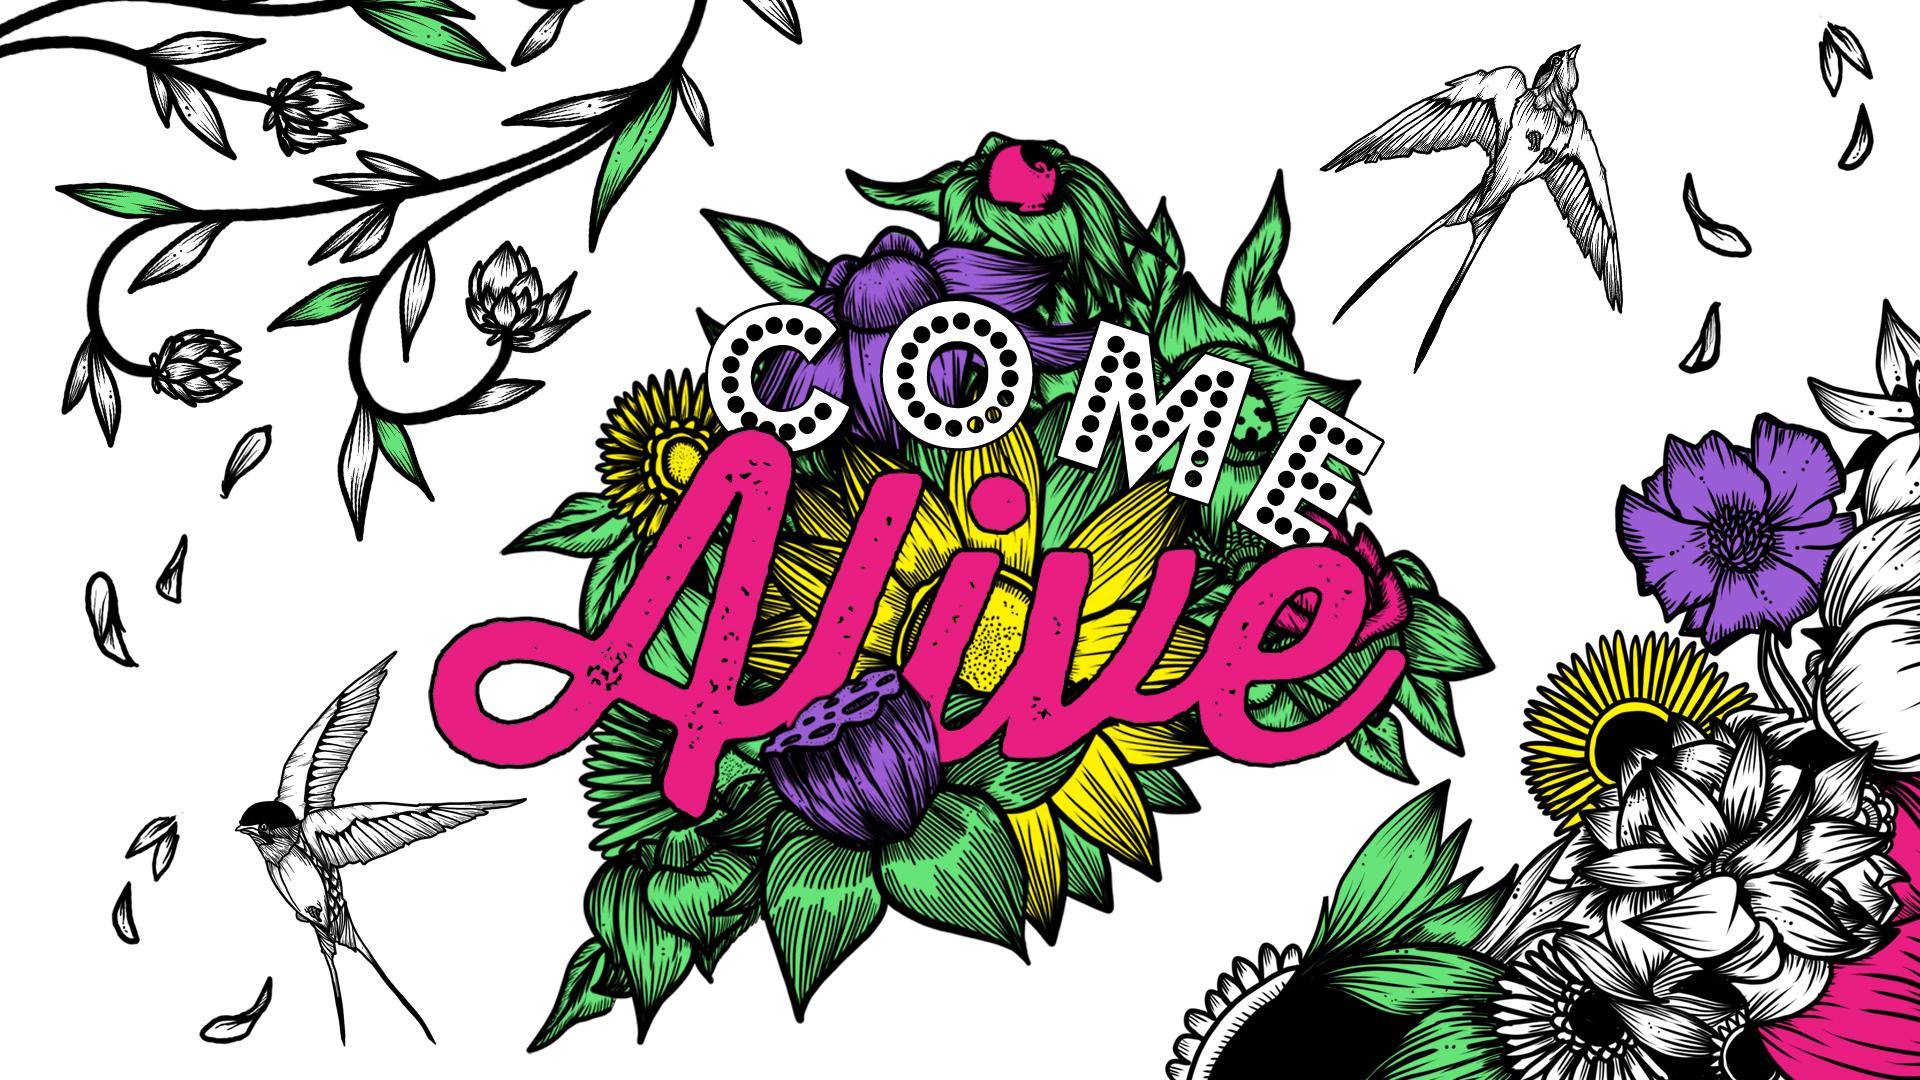 Come-Alive_Series-Title.jpg